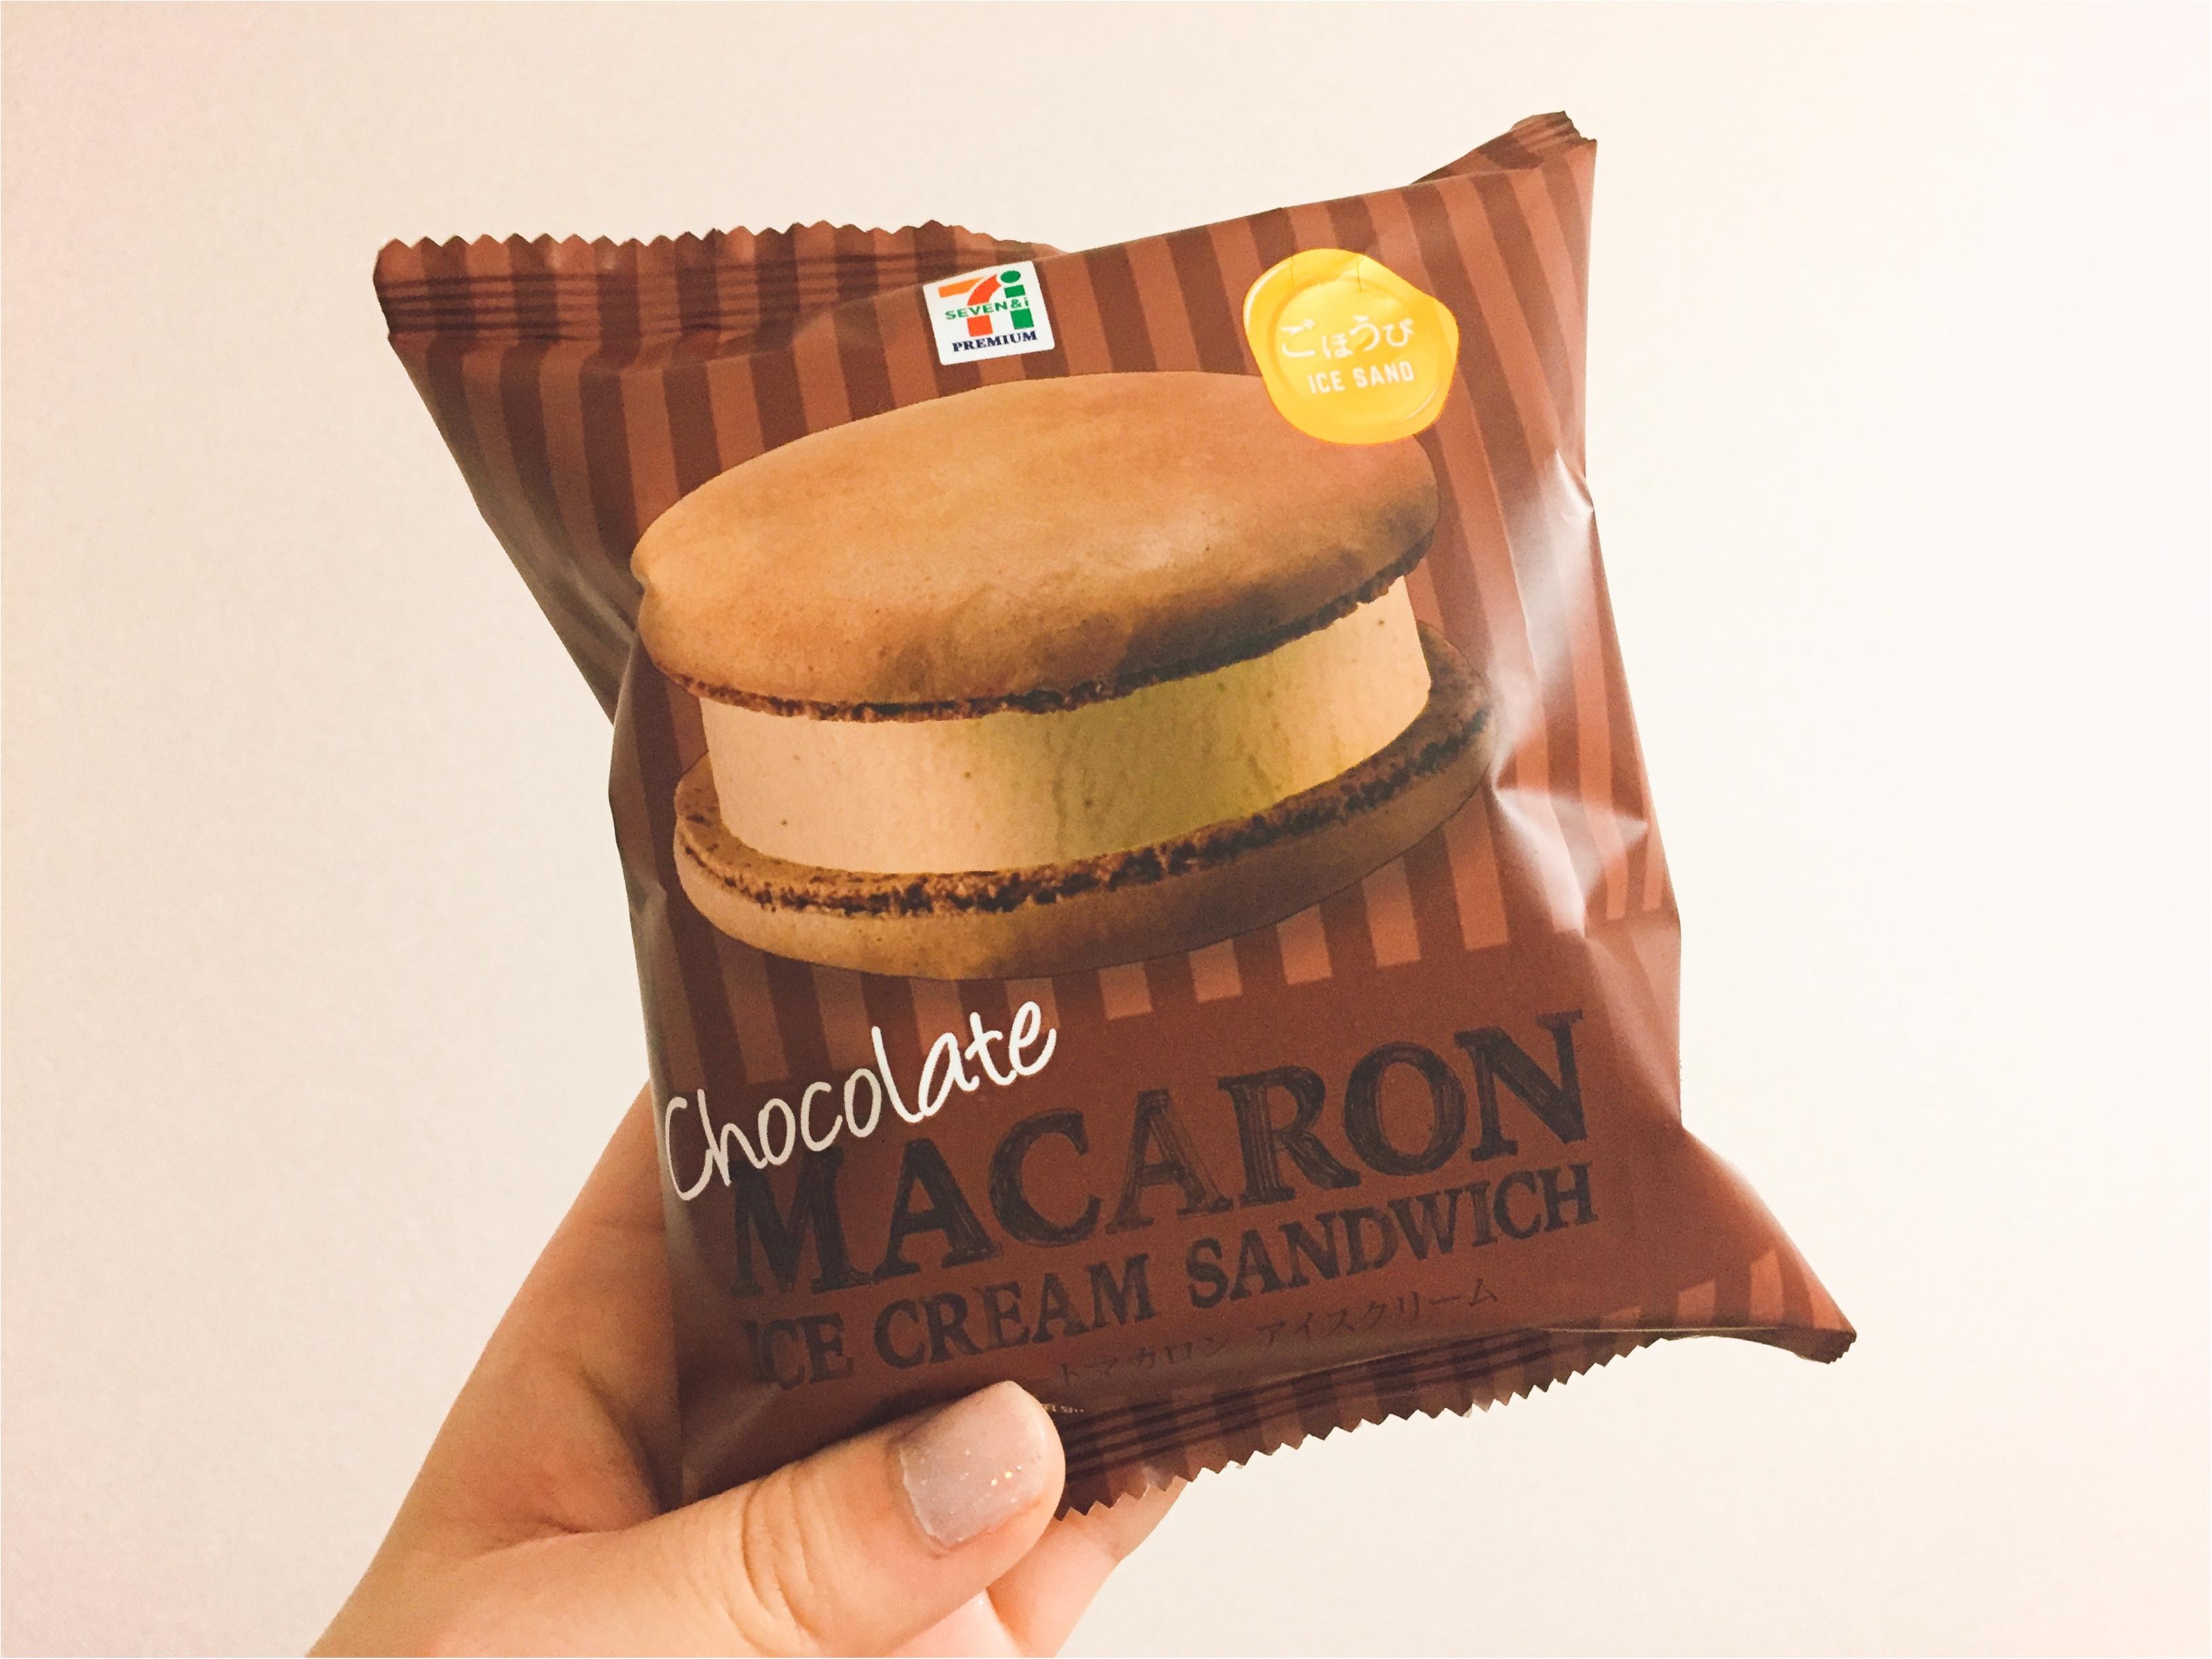 【セブンアイス】まさにご褒美♡完売必至!大人気の『マカロンアイス』からチョコレート味が新登場♡*_1